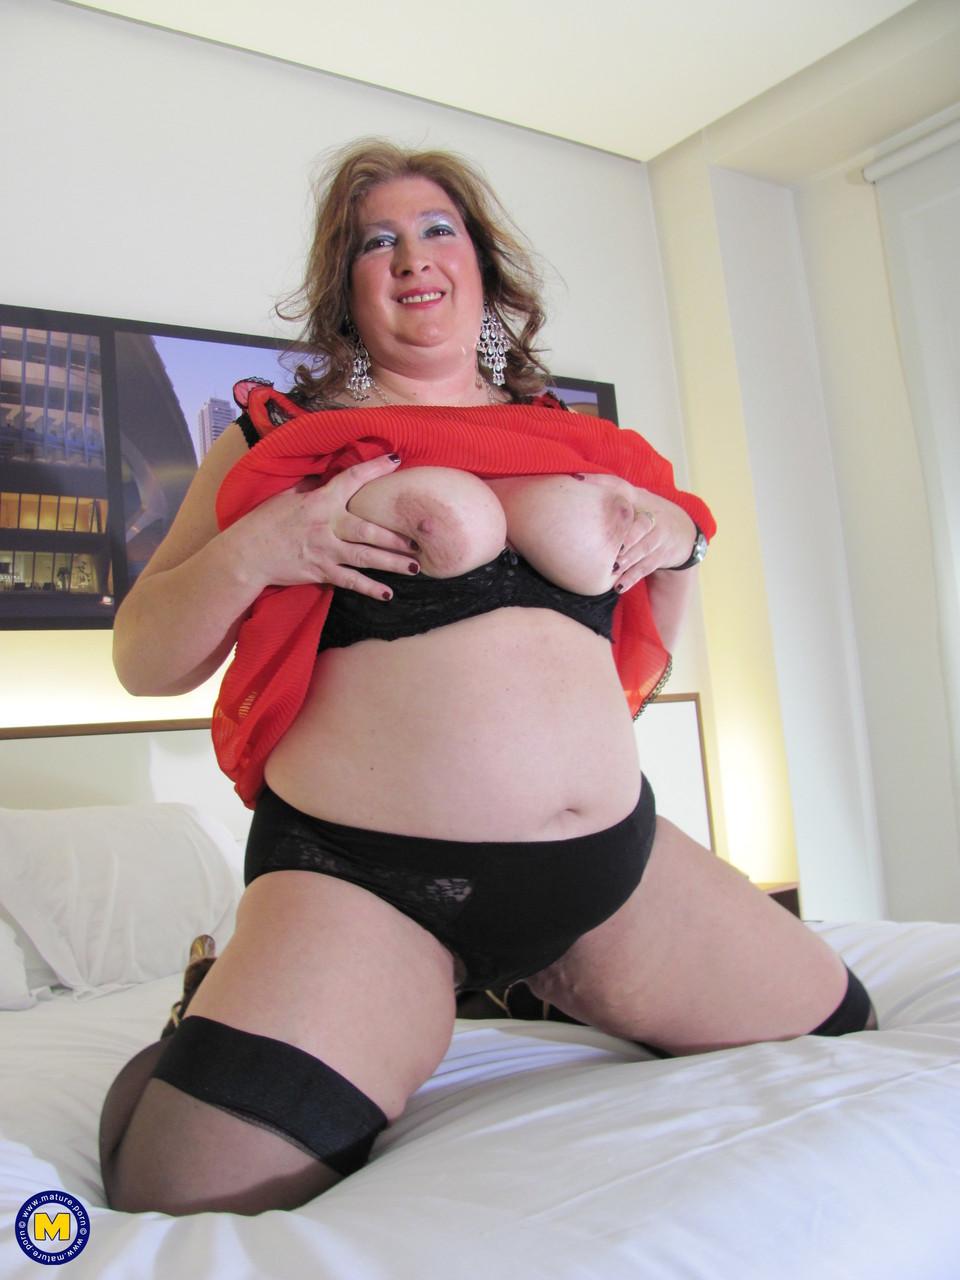 Толстая женщина занимается дрочкой. Фото - 5